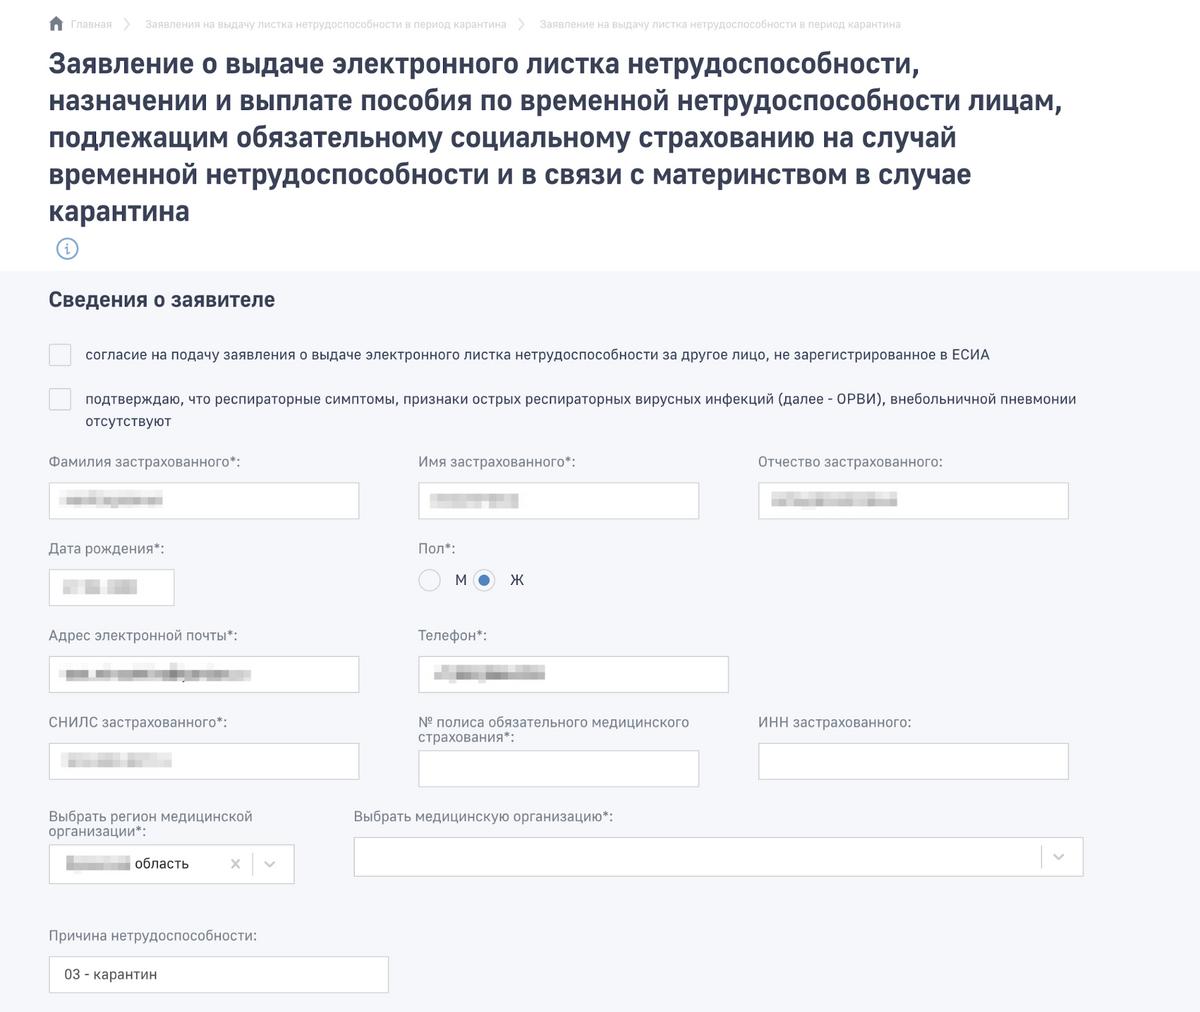 Основная информация в интерактивном заявлении уже заполнена